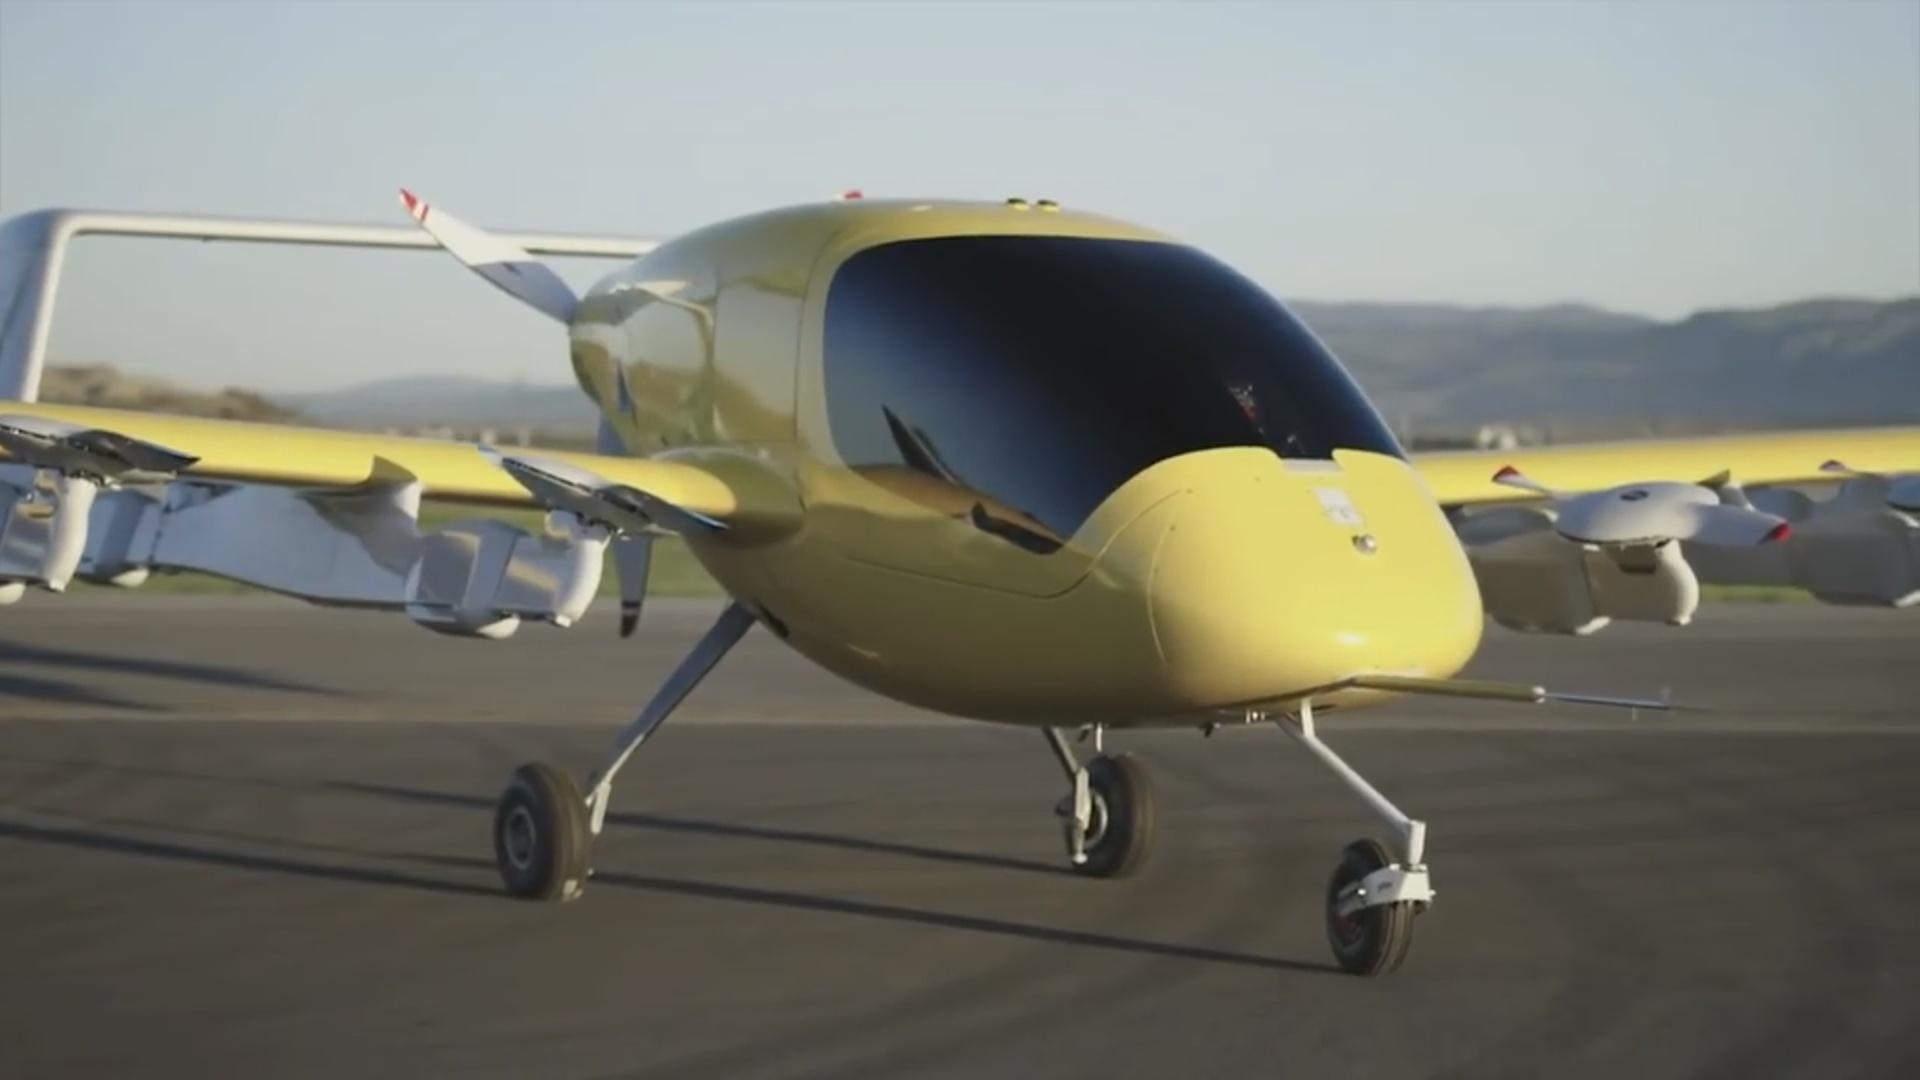 Səkkiz ilə hazırlanan uçan taksi